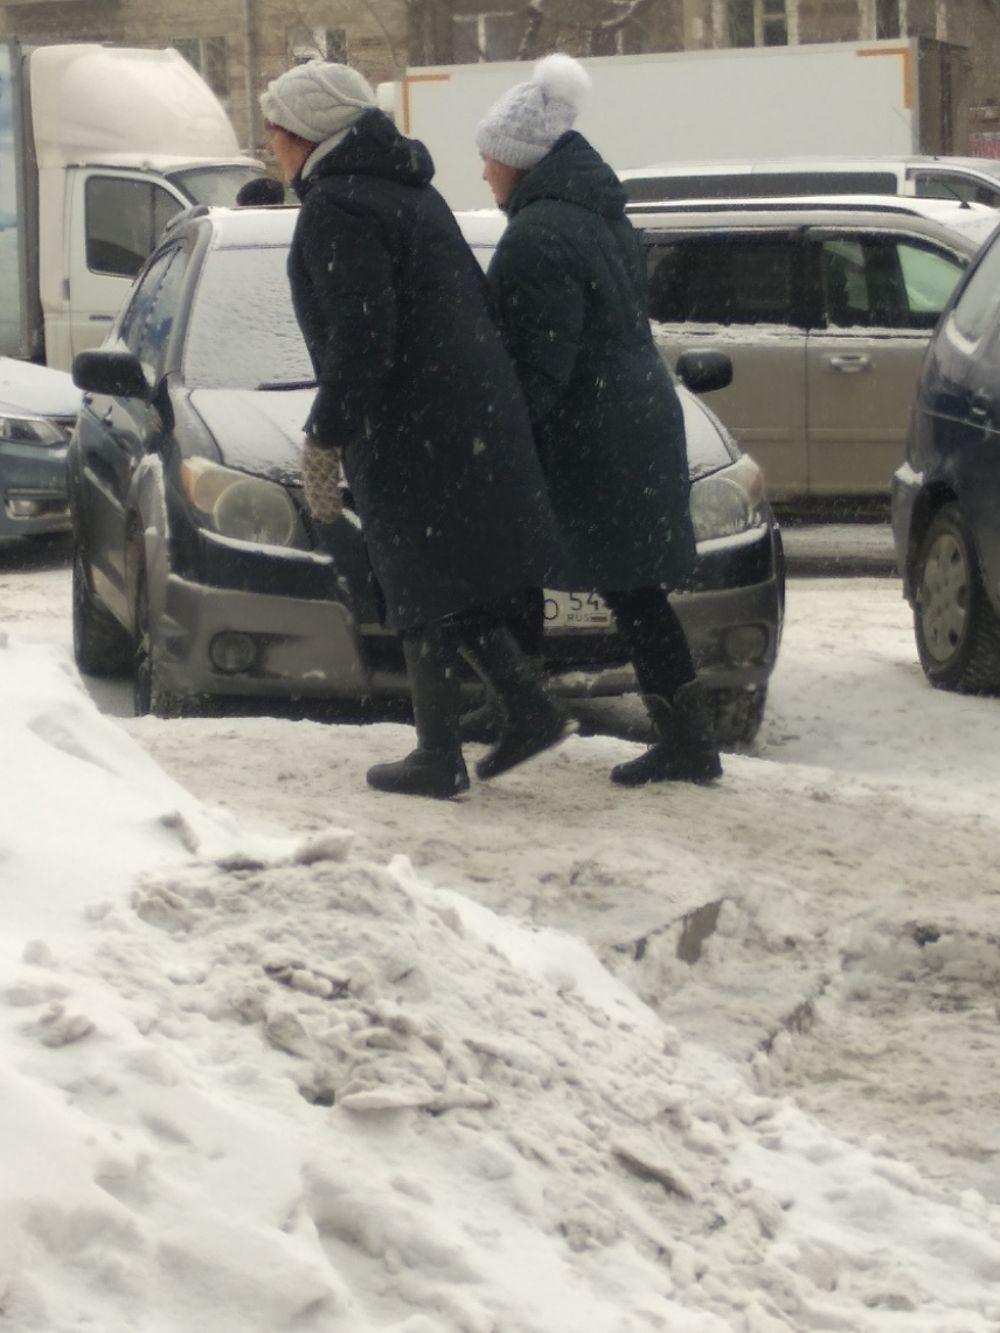 А еще в Новосибирске даже бабушки - модницы. Носят шапки с меховыми помпонами.